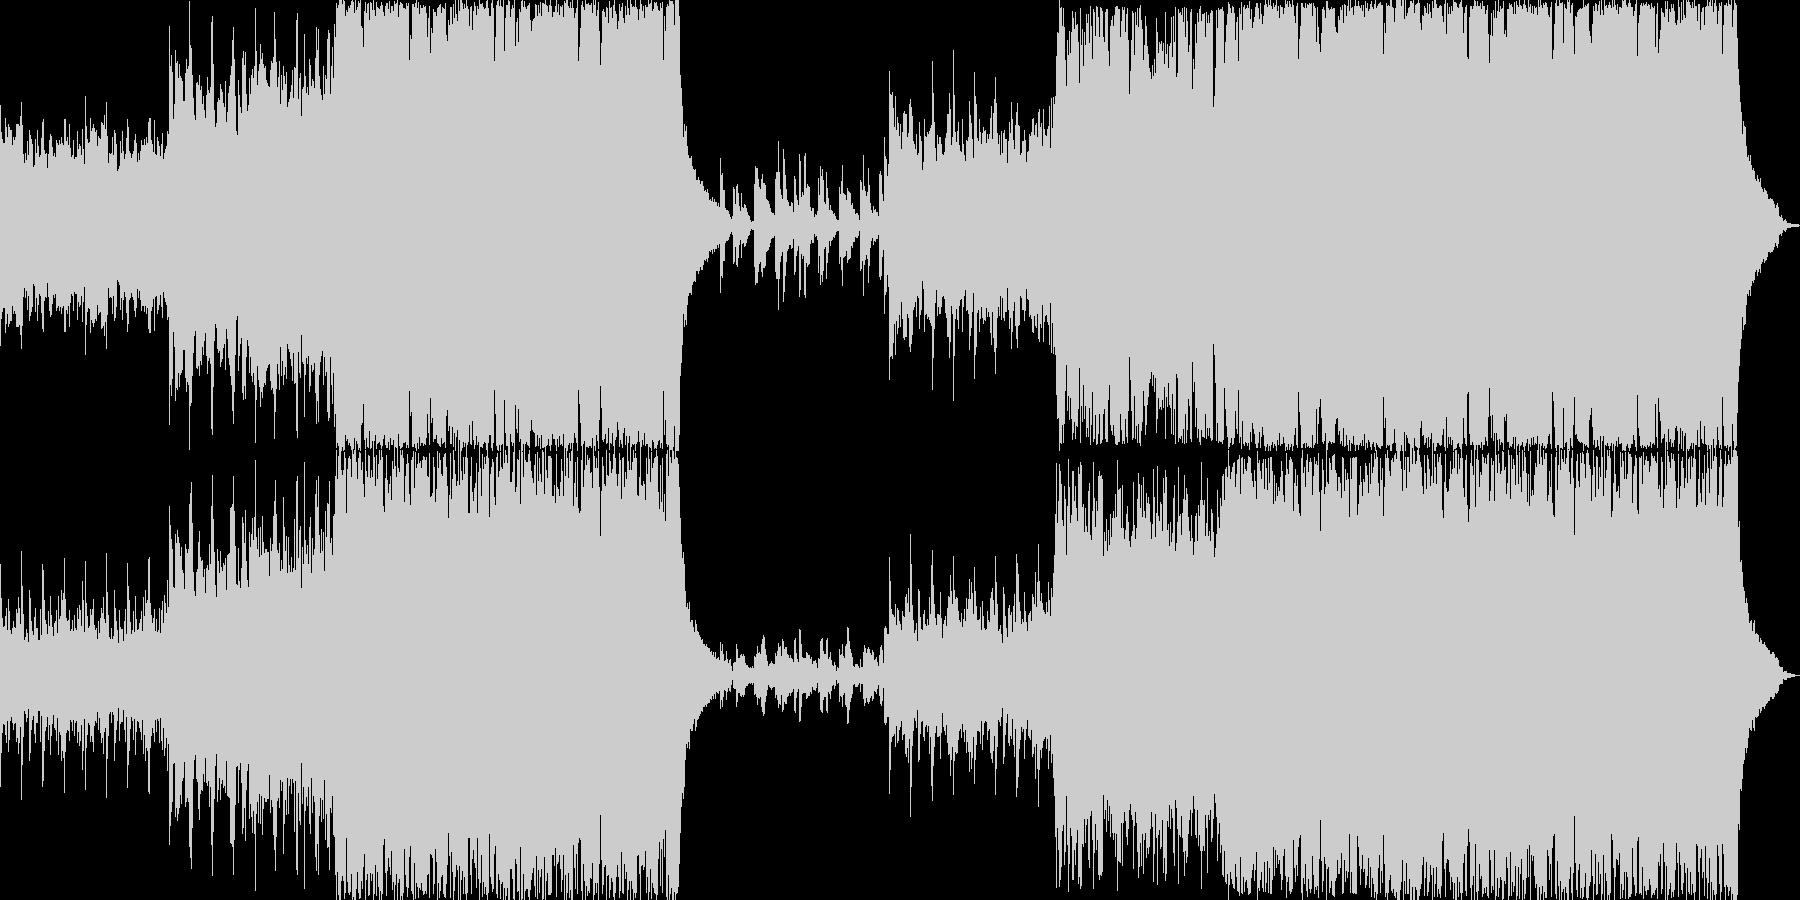 ゆったりしたヒーリング音楽の未再生の波形